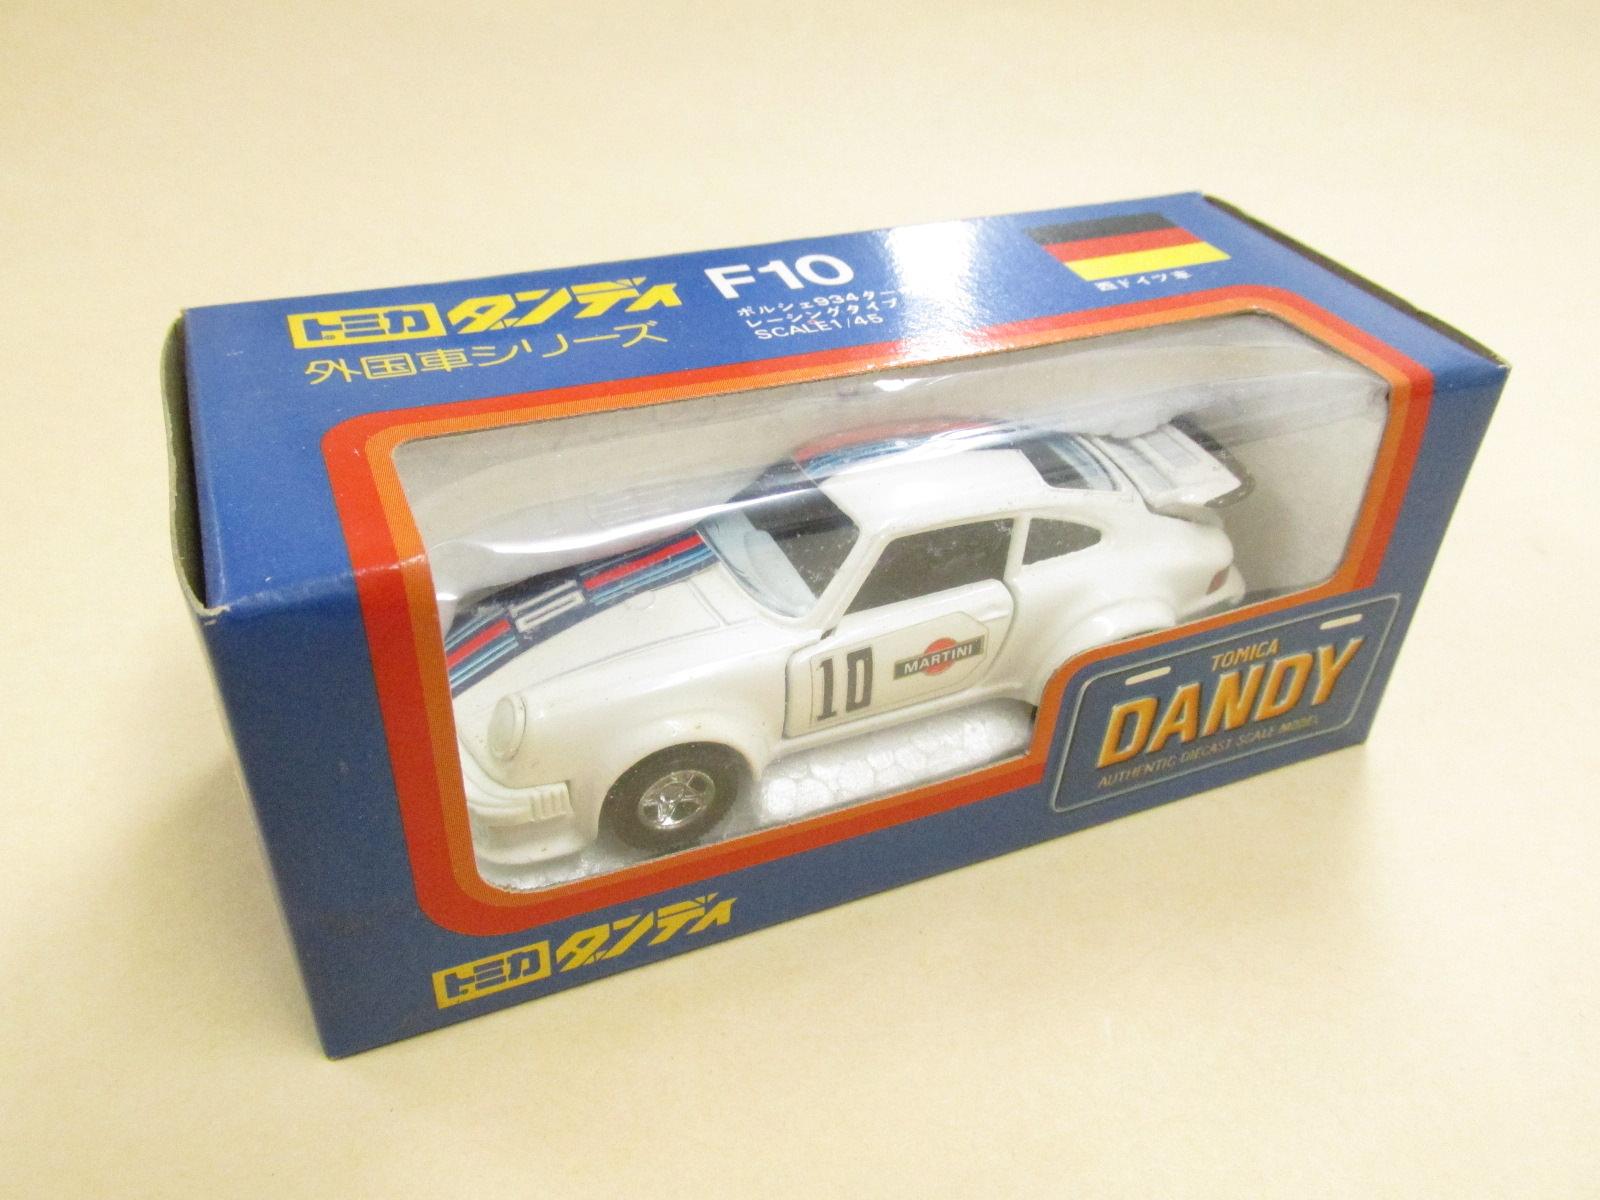 トミカダンディ 1/45スケール 外国車シリーズ ポルシェ934ターボ レーシングタイプ